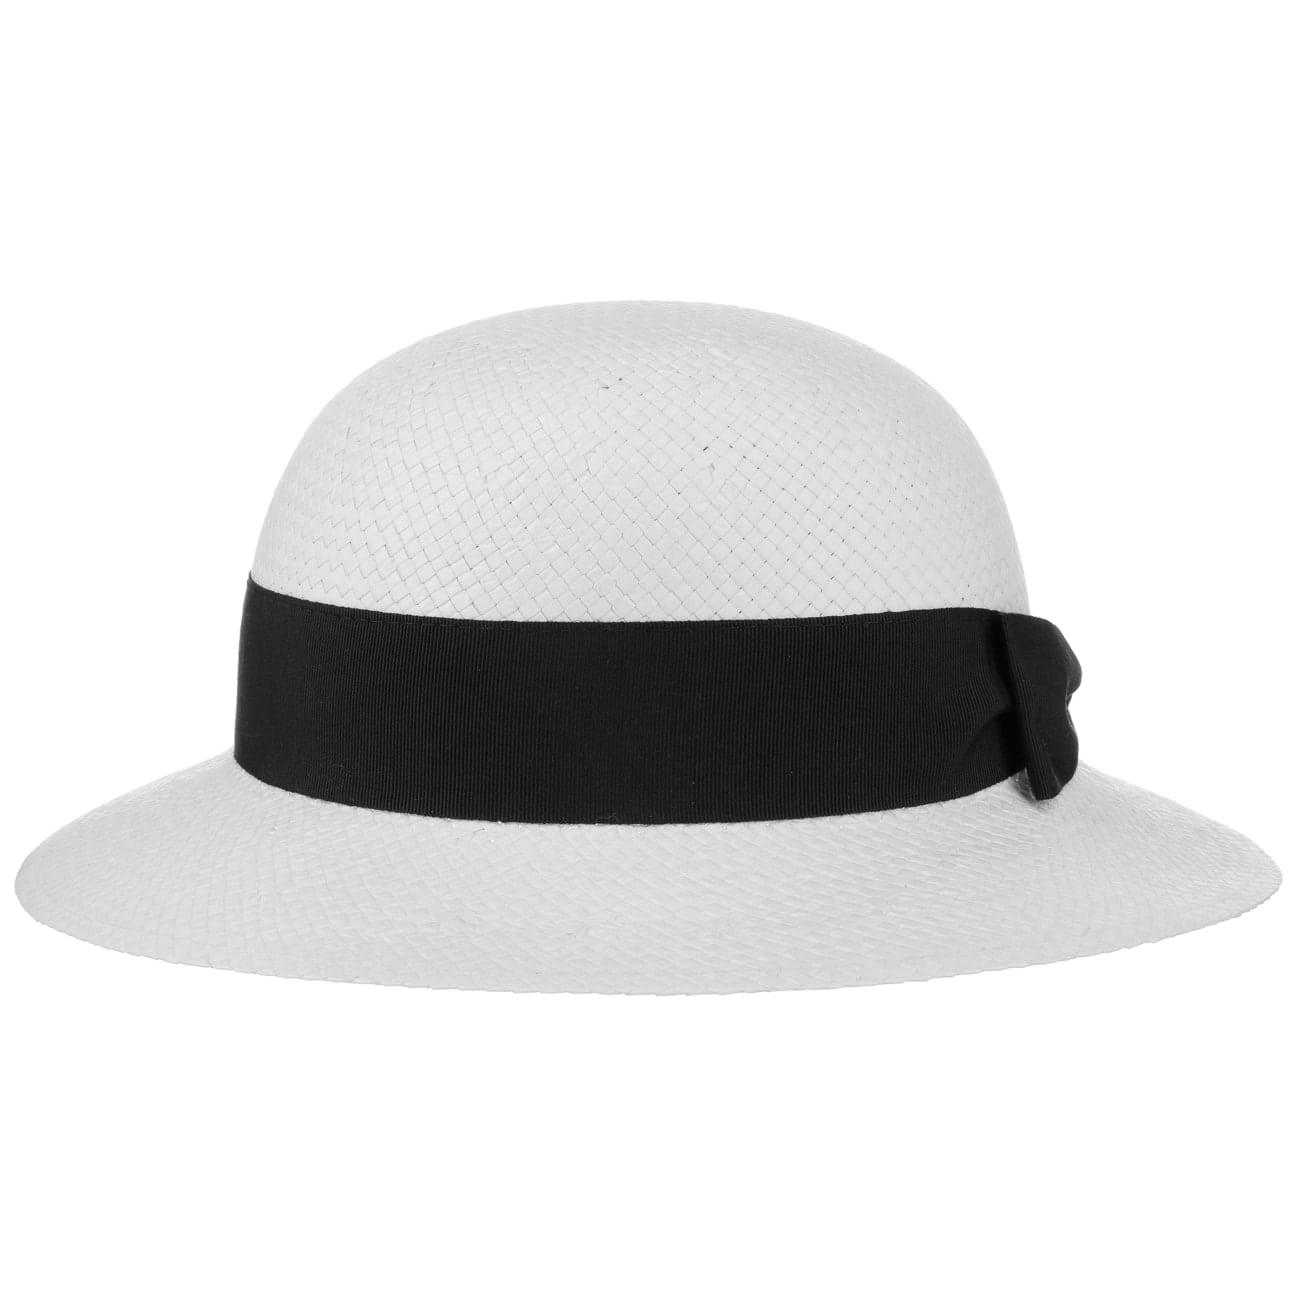 Chapeau Cloche pour Enfant Dilly by Lipodo  chapeau de soleil